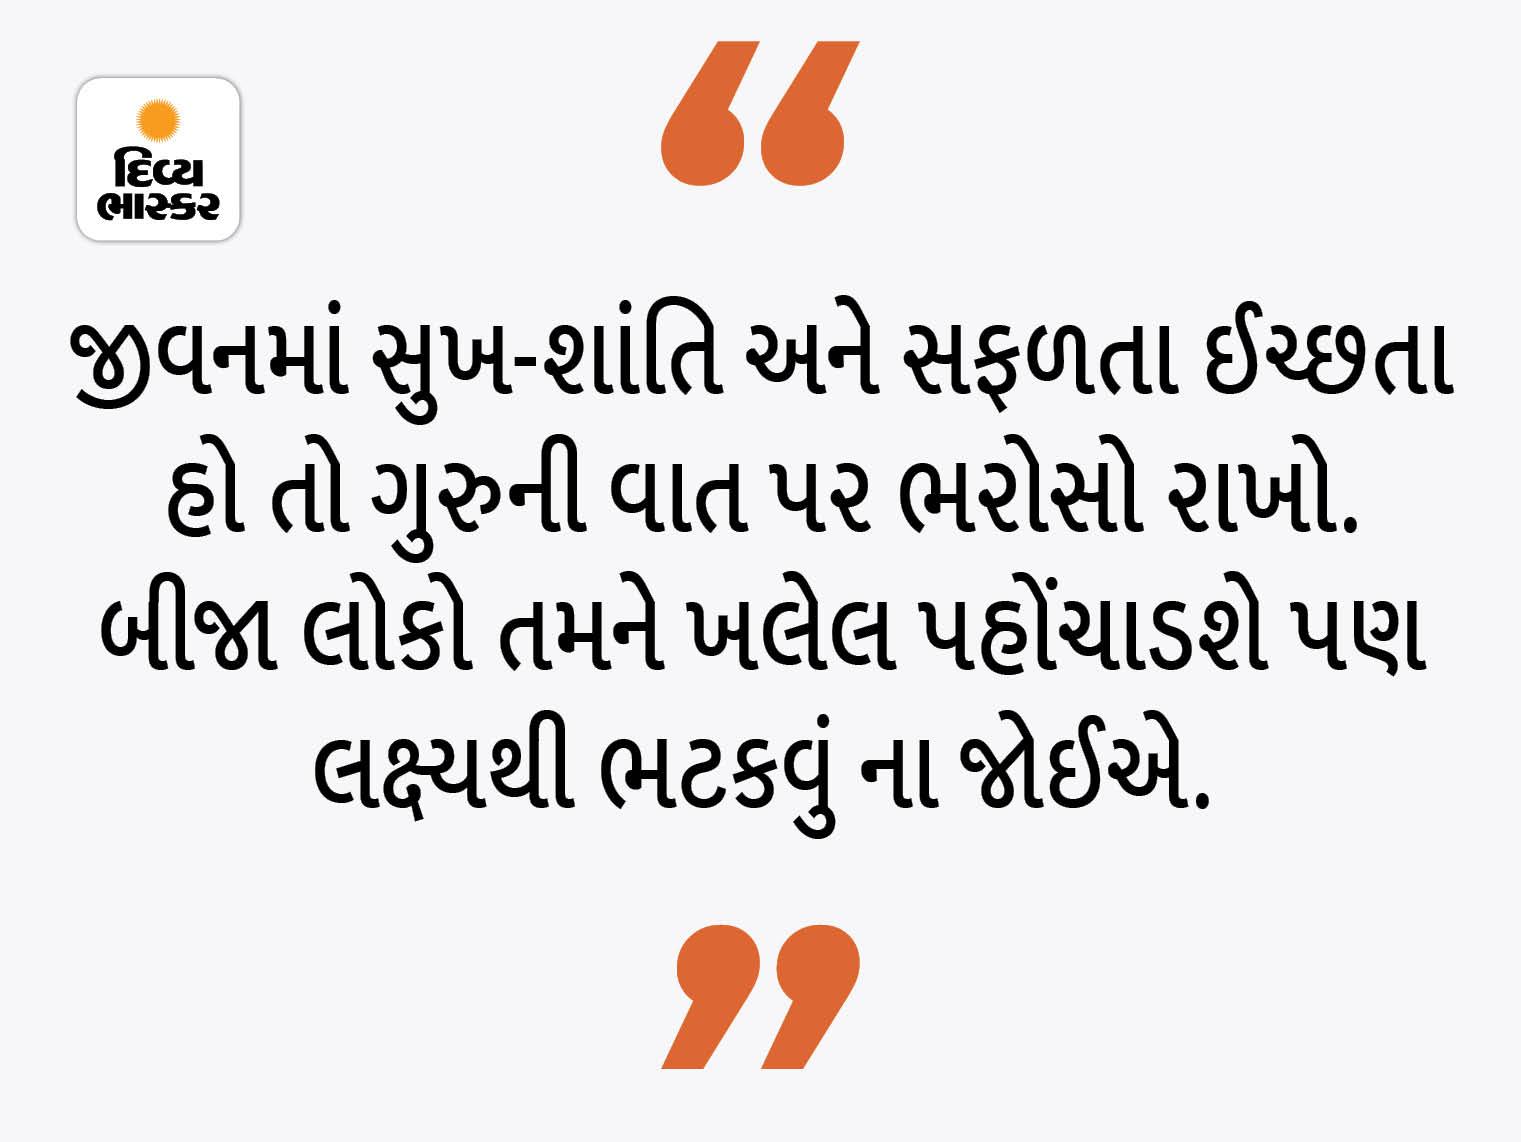 જે નિર્ણય લો, તેની પર અડગ રહો અને કોઈની વાતમાં નહીં આવો તો જ સફળતા મળશે|ધર્મ,Dharm - Divya Bhaskar